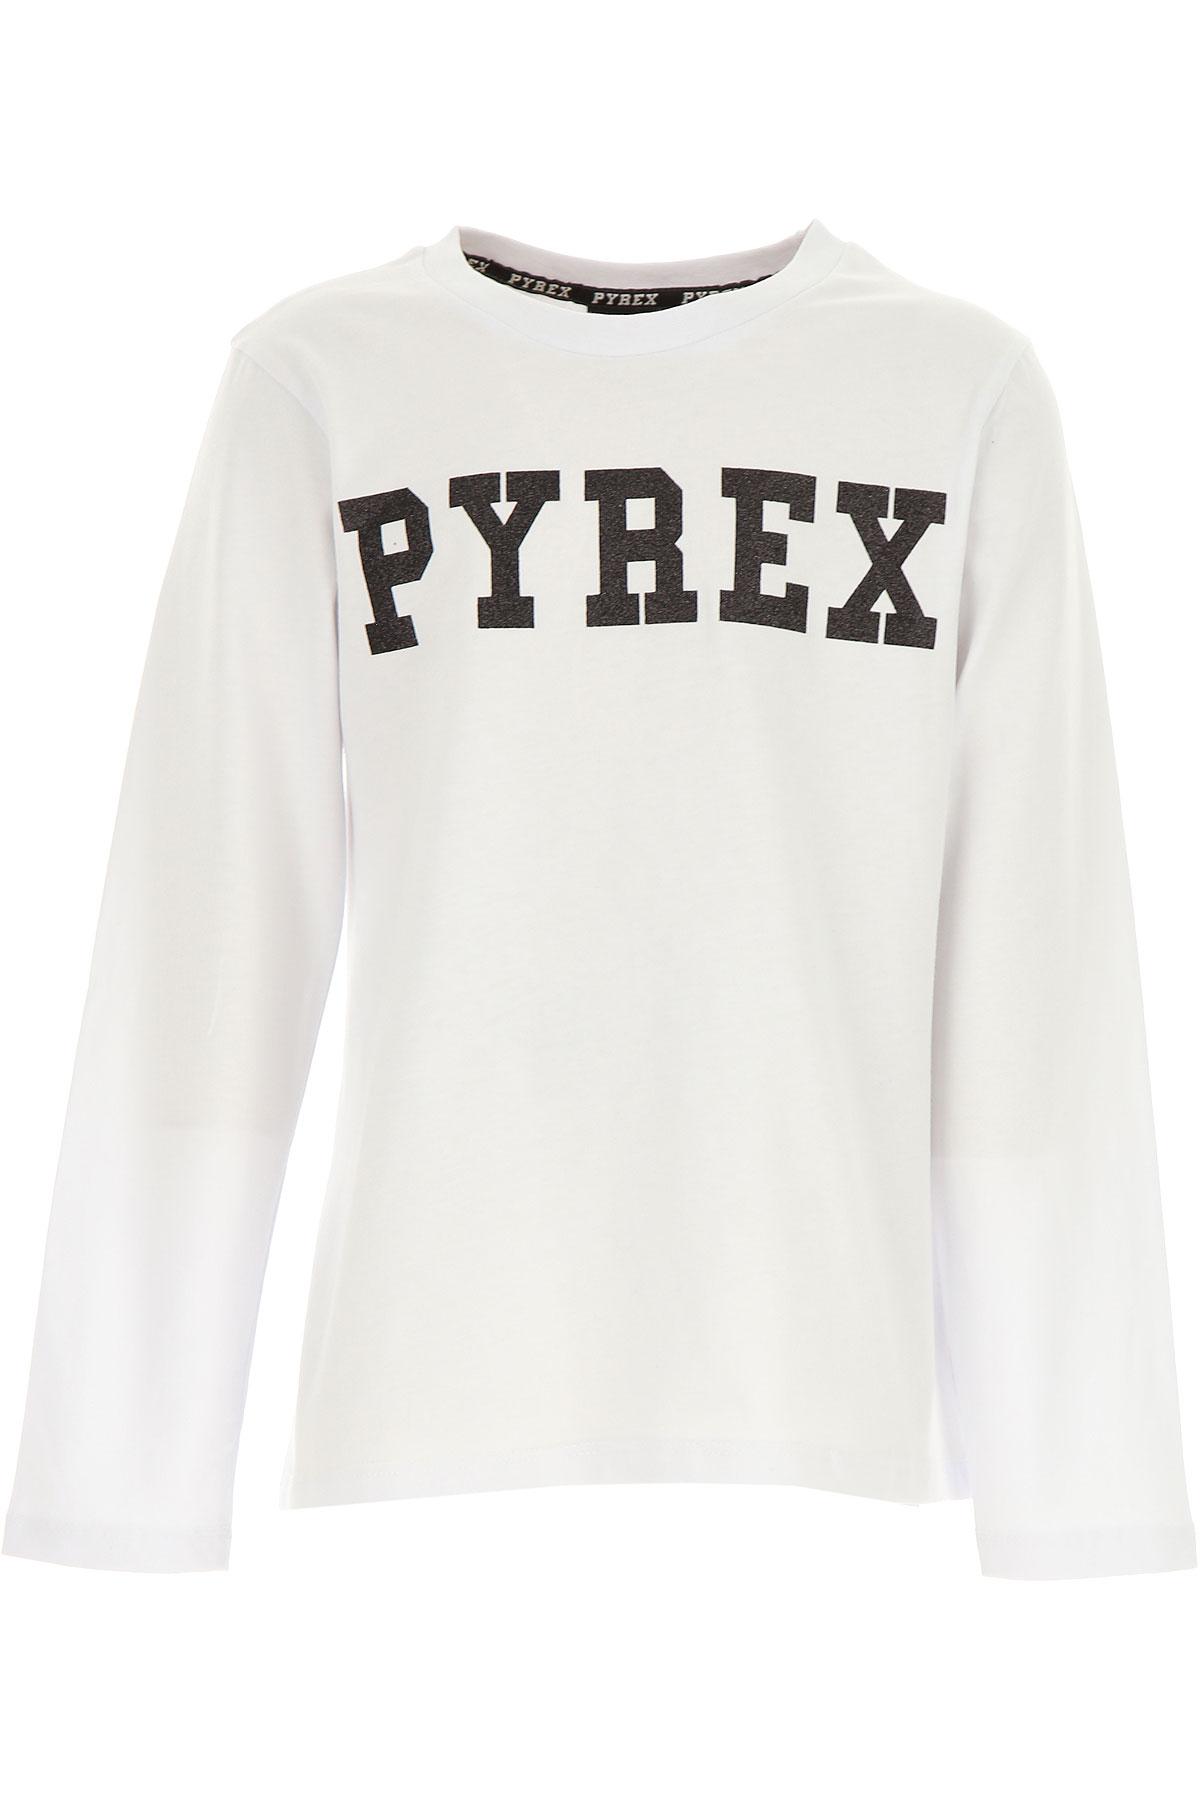 Pyrex abbigliamento per bambini e ragazzi, 9 16 anni